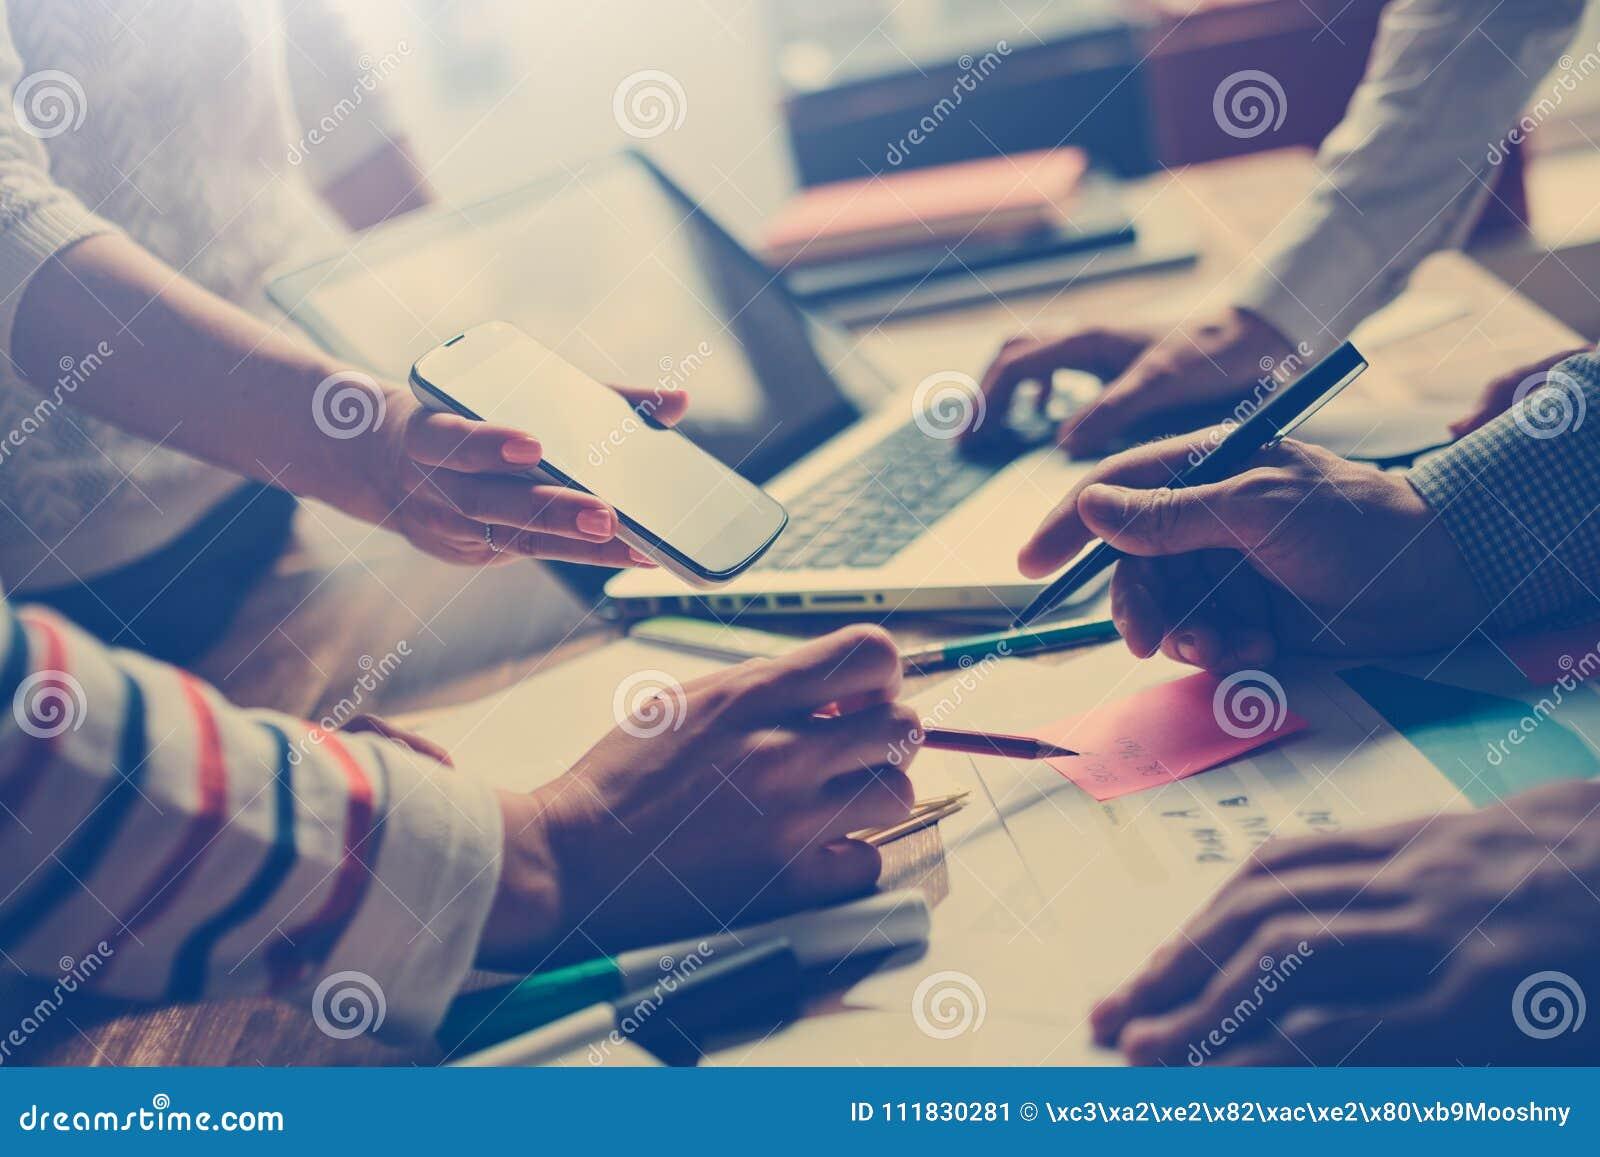 Lagarbetsprocess Chefer som diskuterar nytt digitalt projekt Bärbar dator och skrivbordsarbete på tabellen